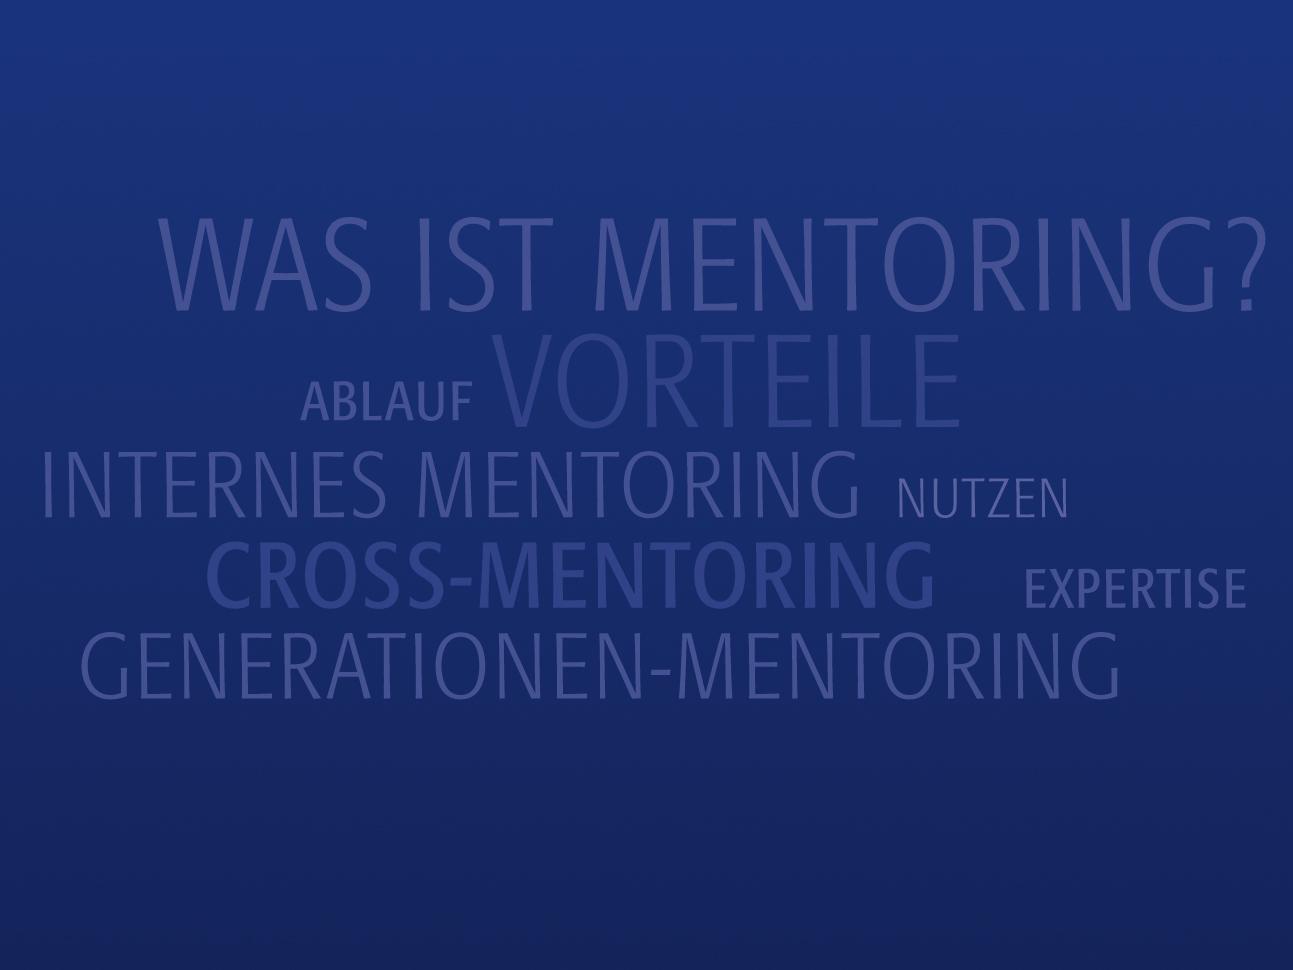 martin_zech_design_corporate_design_kontor5_mentoring_cloud